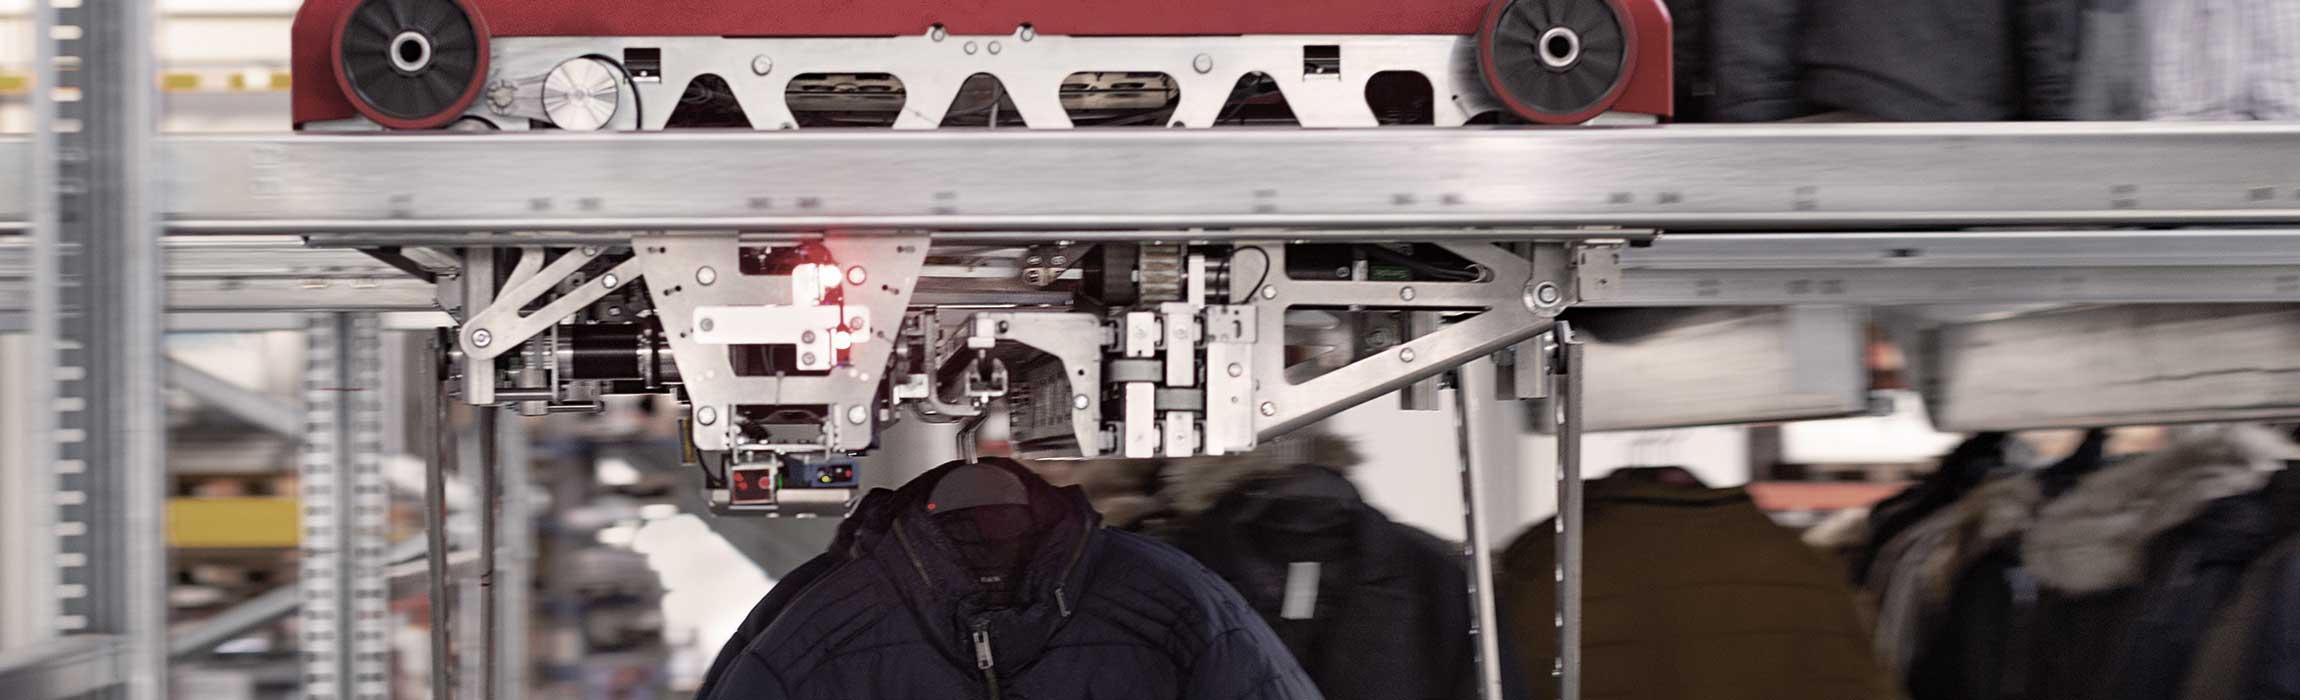 Eine bestmögliche Lagerhaltung Ihrer Produkte mit unseren automatischen Lagersystemen.